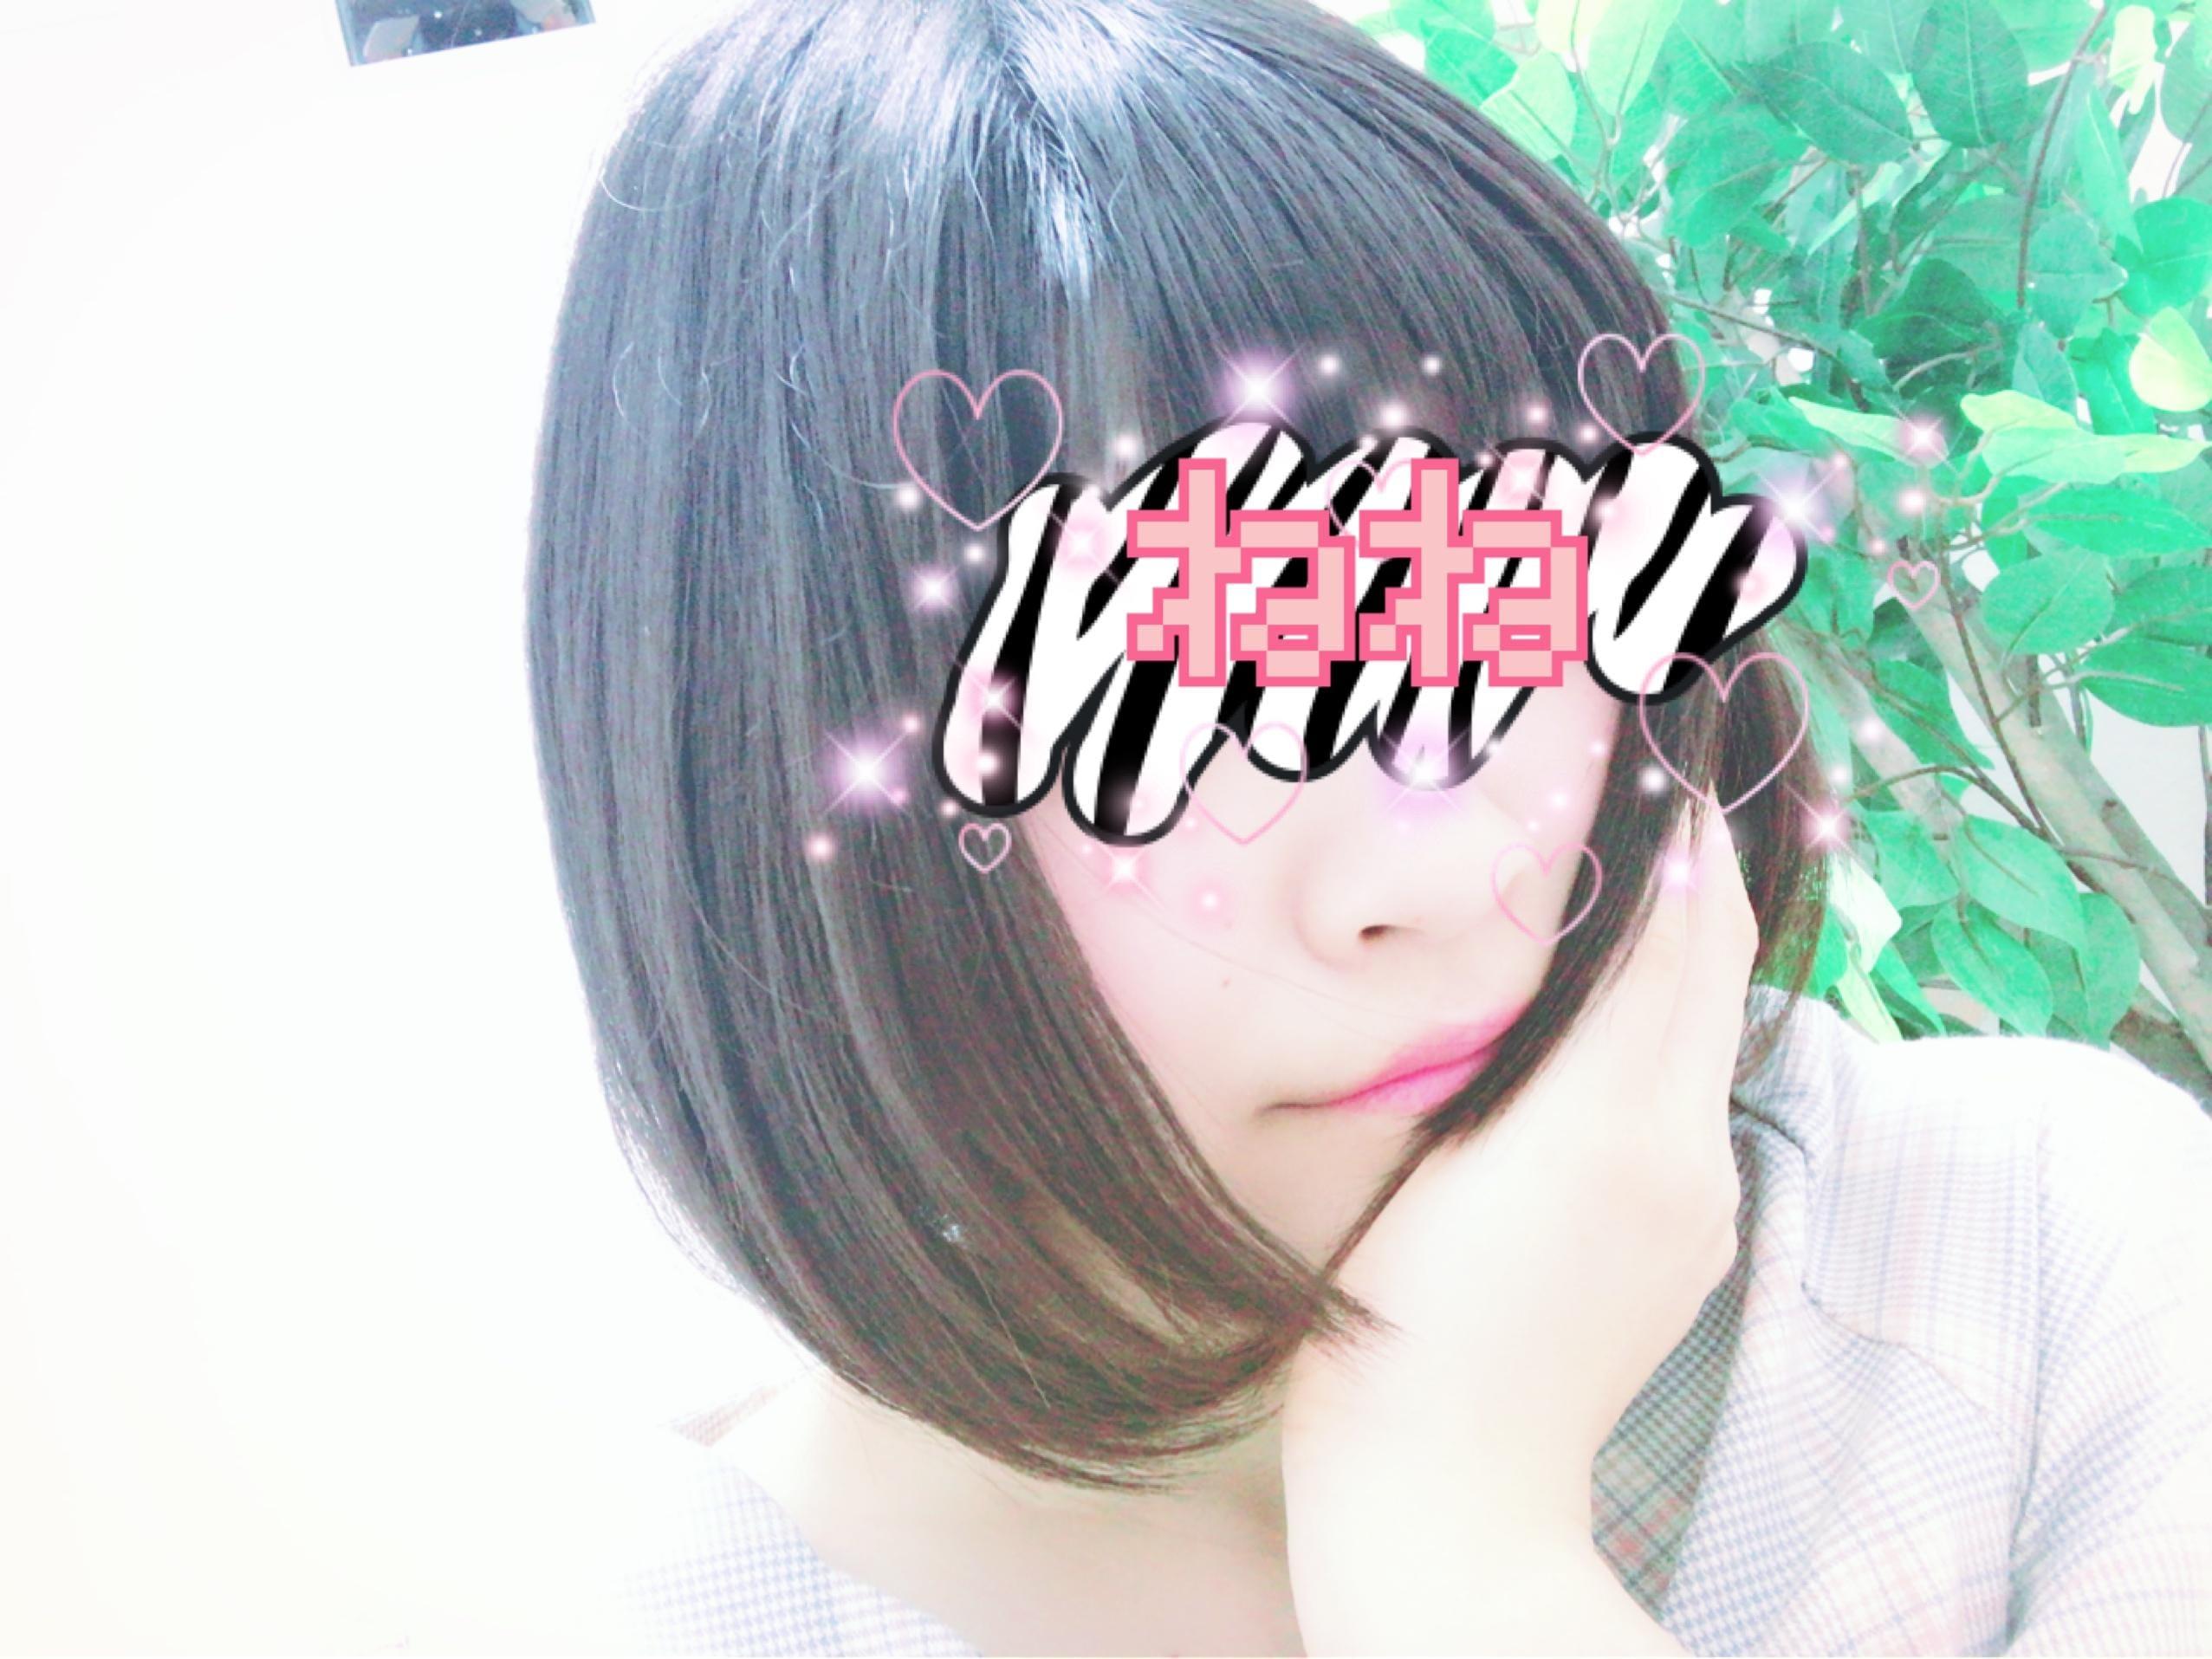 「初めましてU・x・U」08/05(日) 01:18 | ねねの写メ・風俗動画